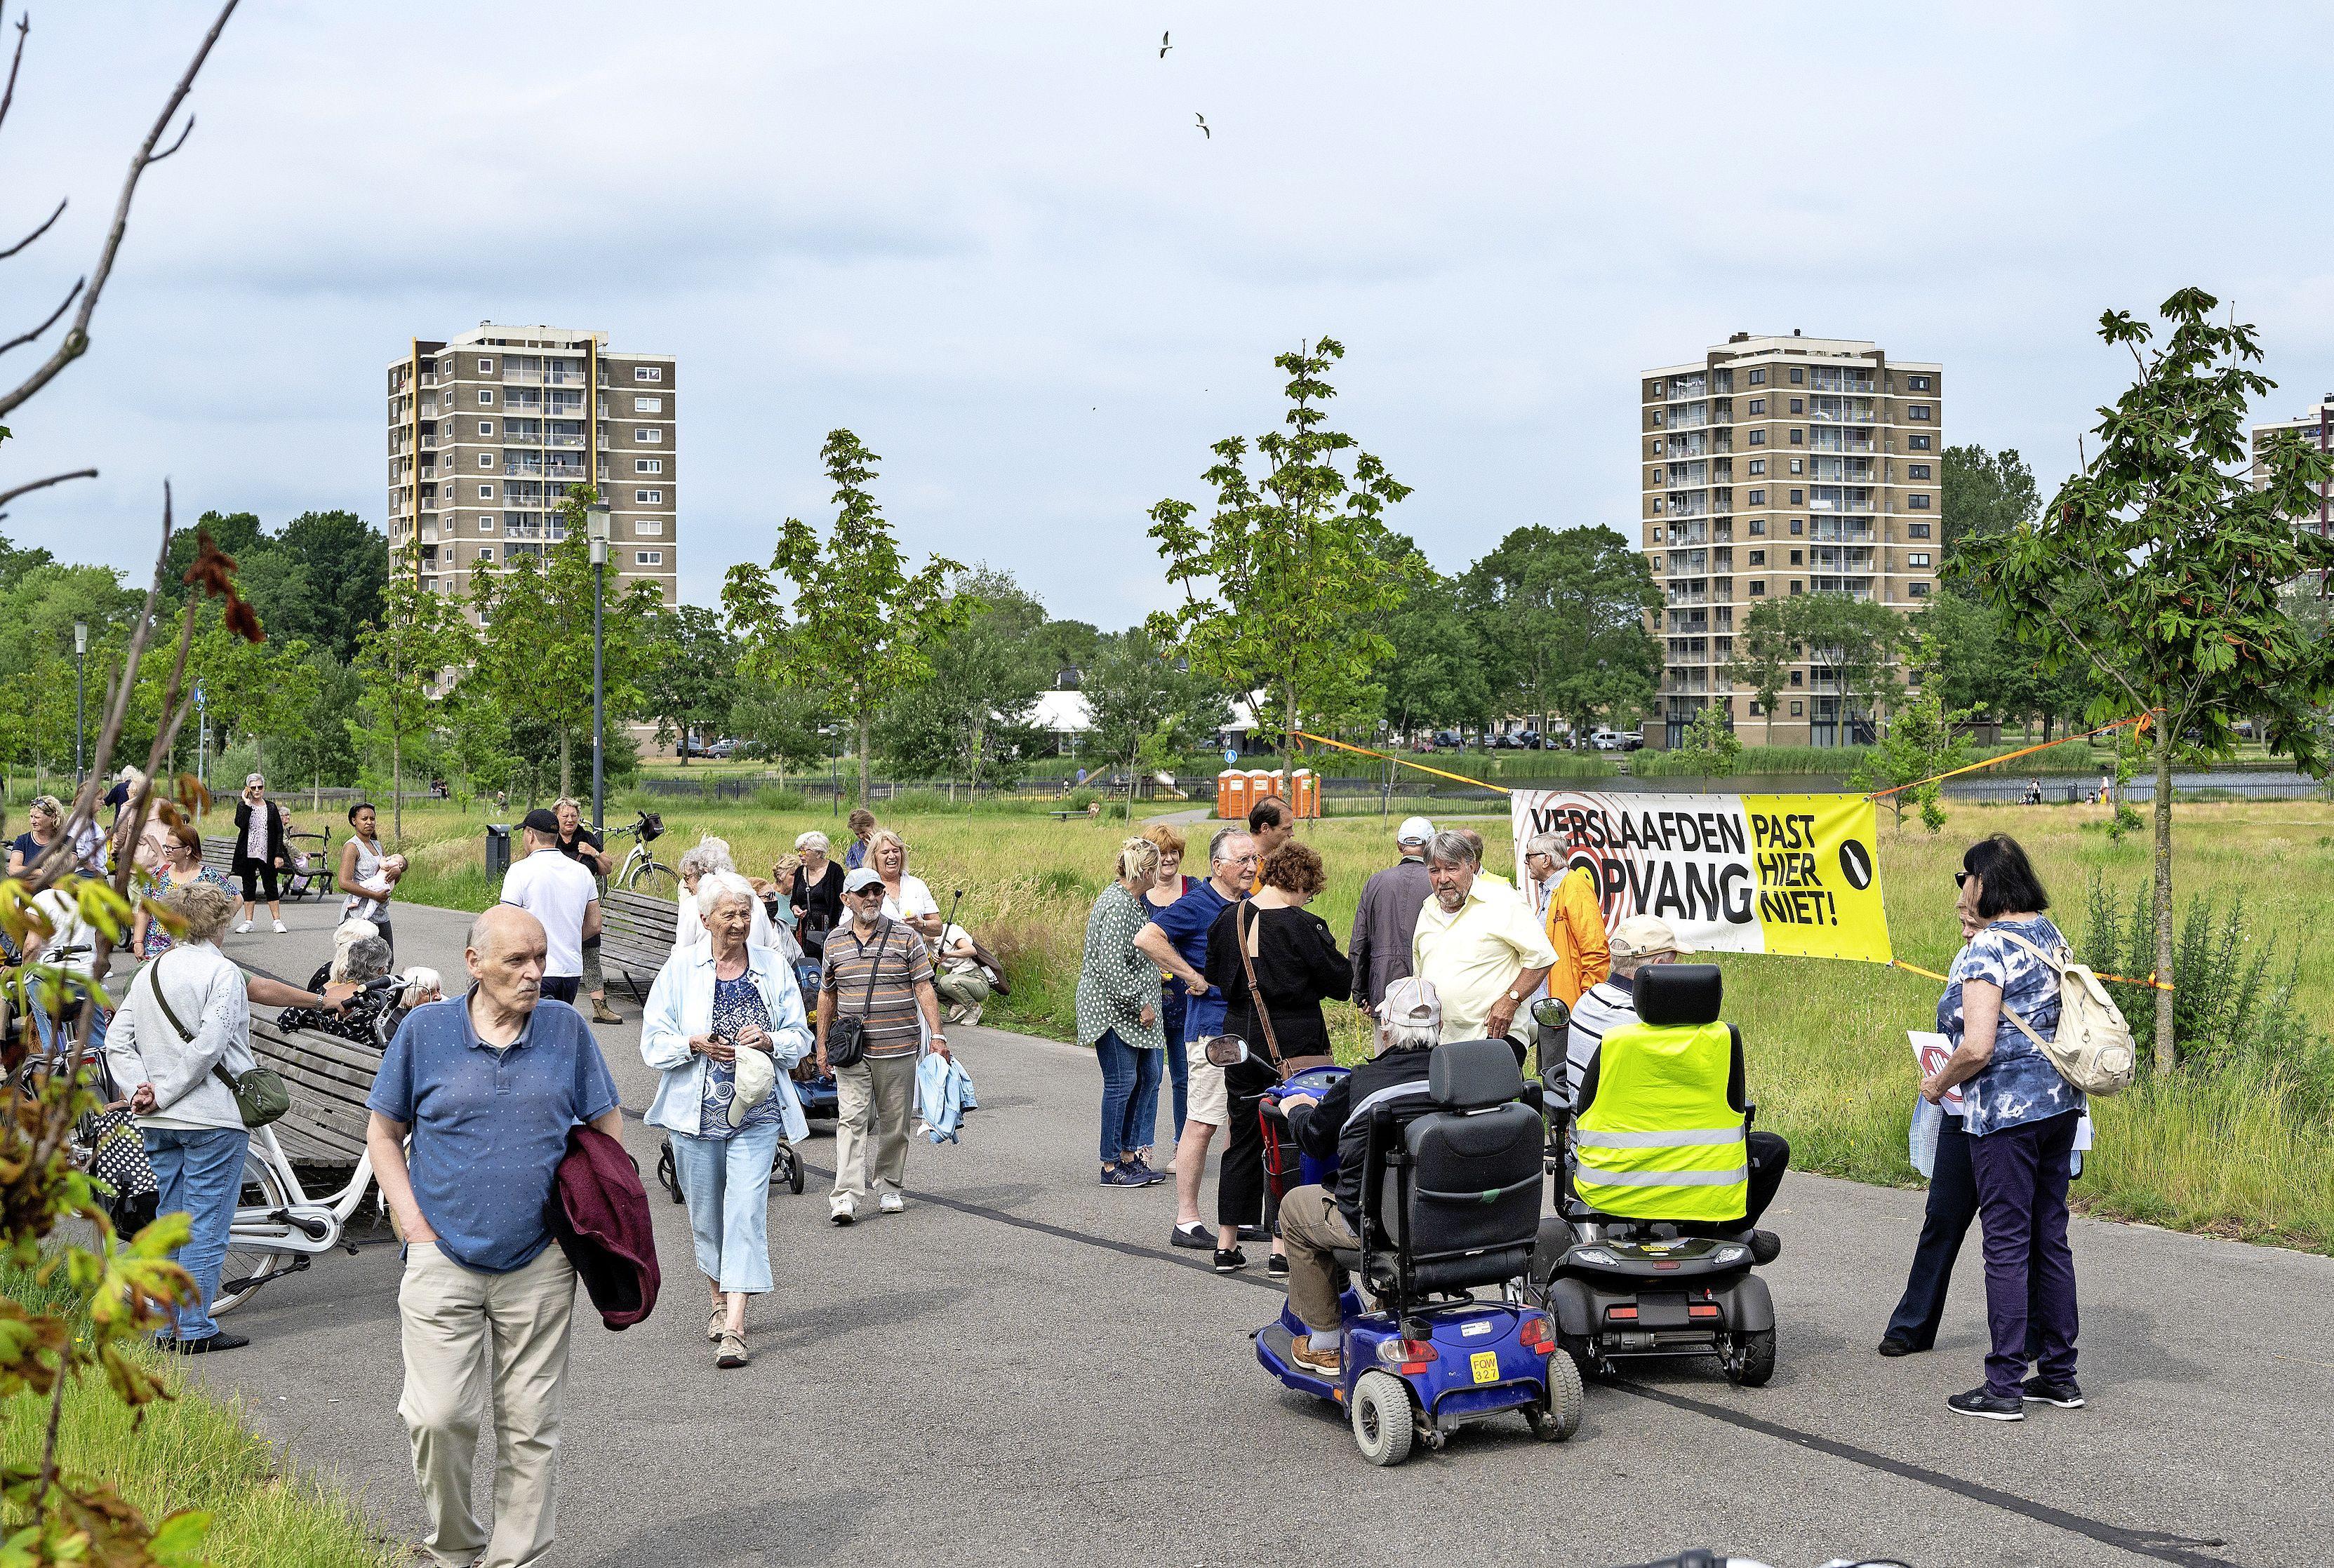 Buurt protesteert in Reinaldapark tegen verslaafdenopvang aan de Nieuweweg; 'Dit gaan we iedere ochtend doen, dan blazen we ze hun bed uit'